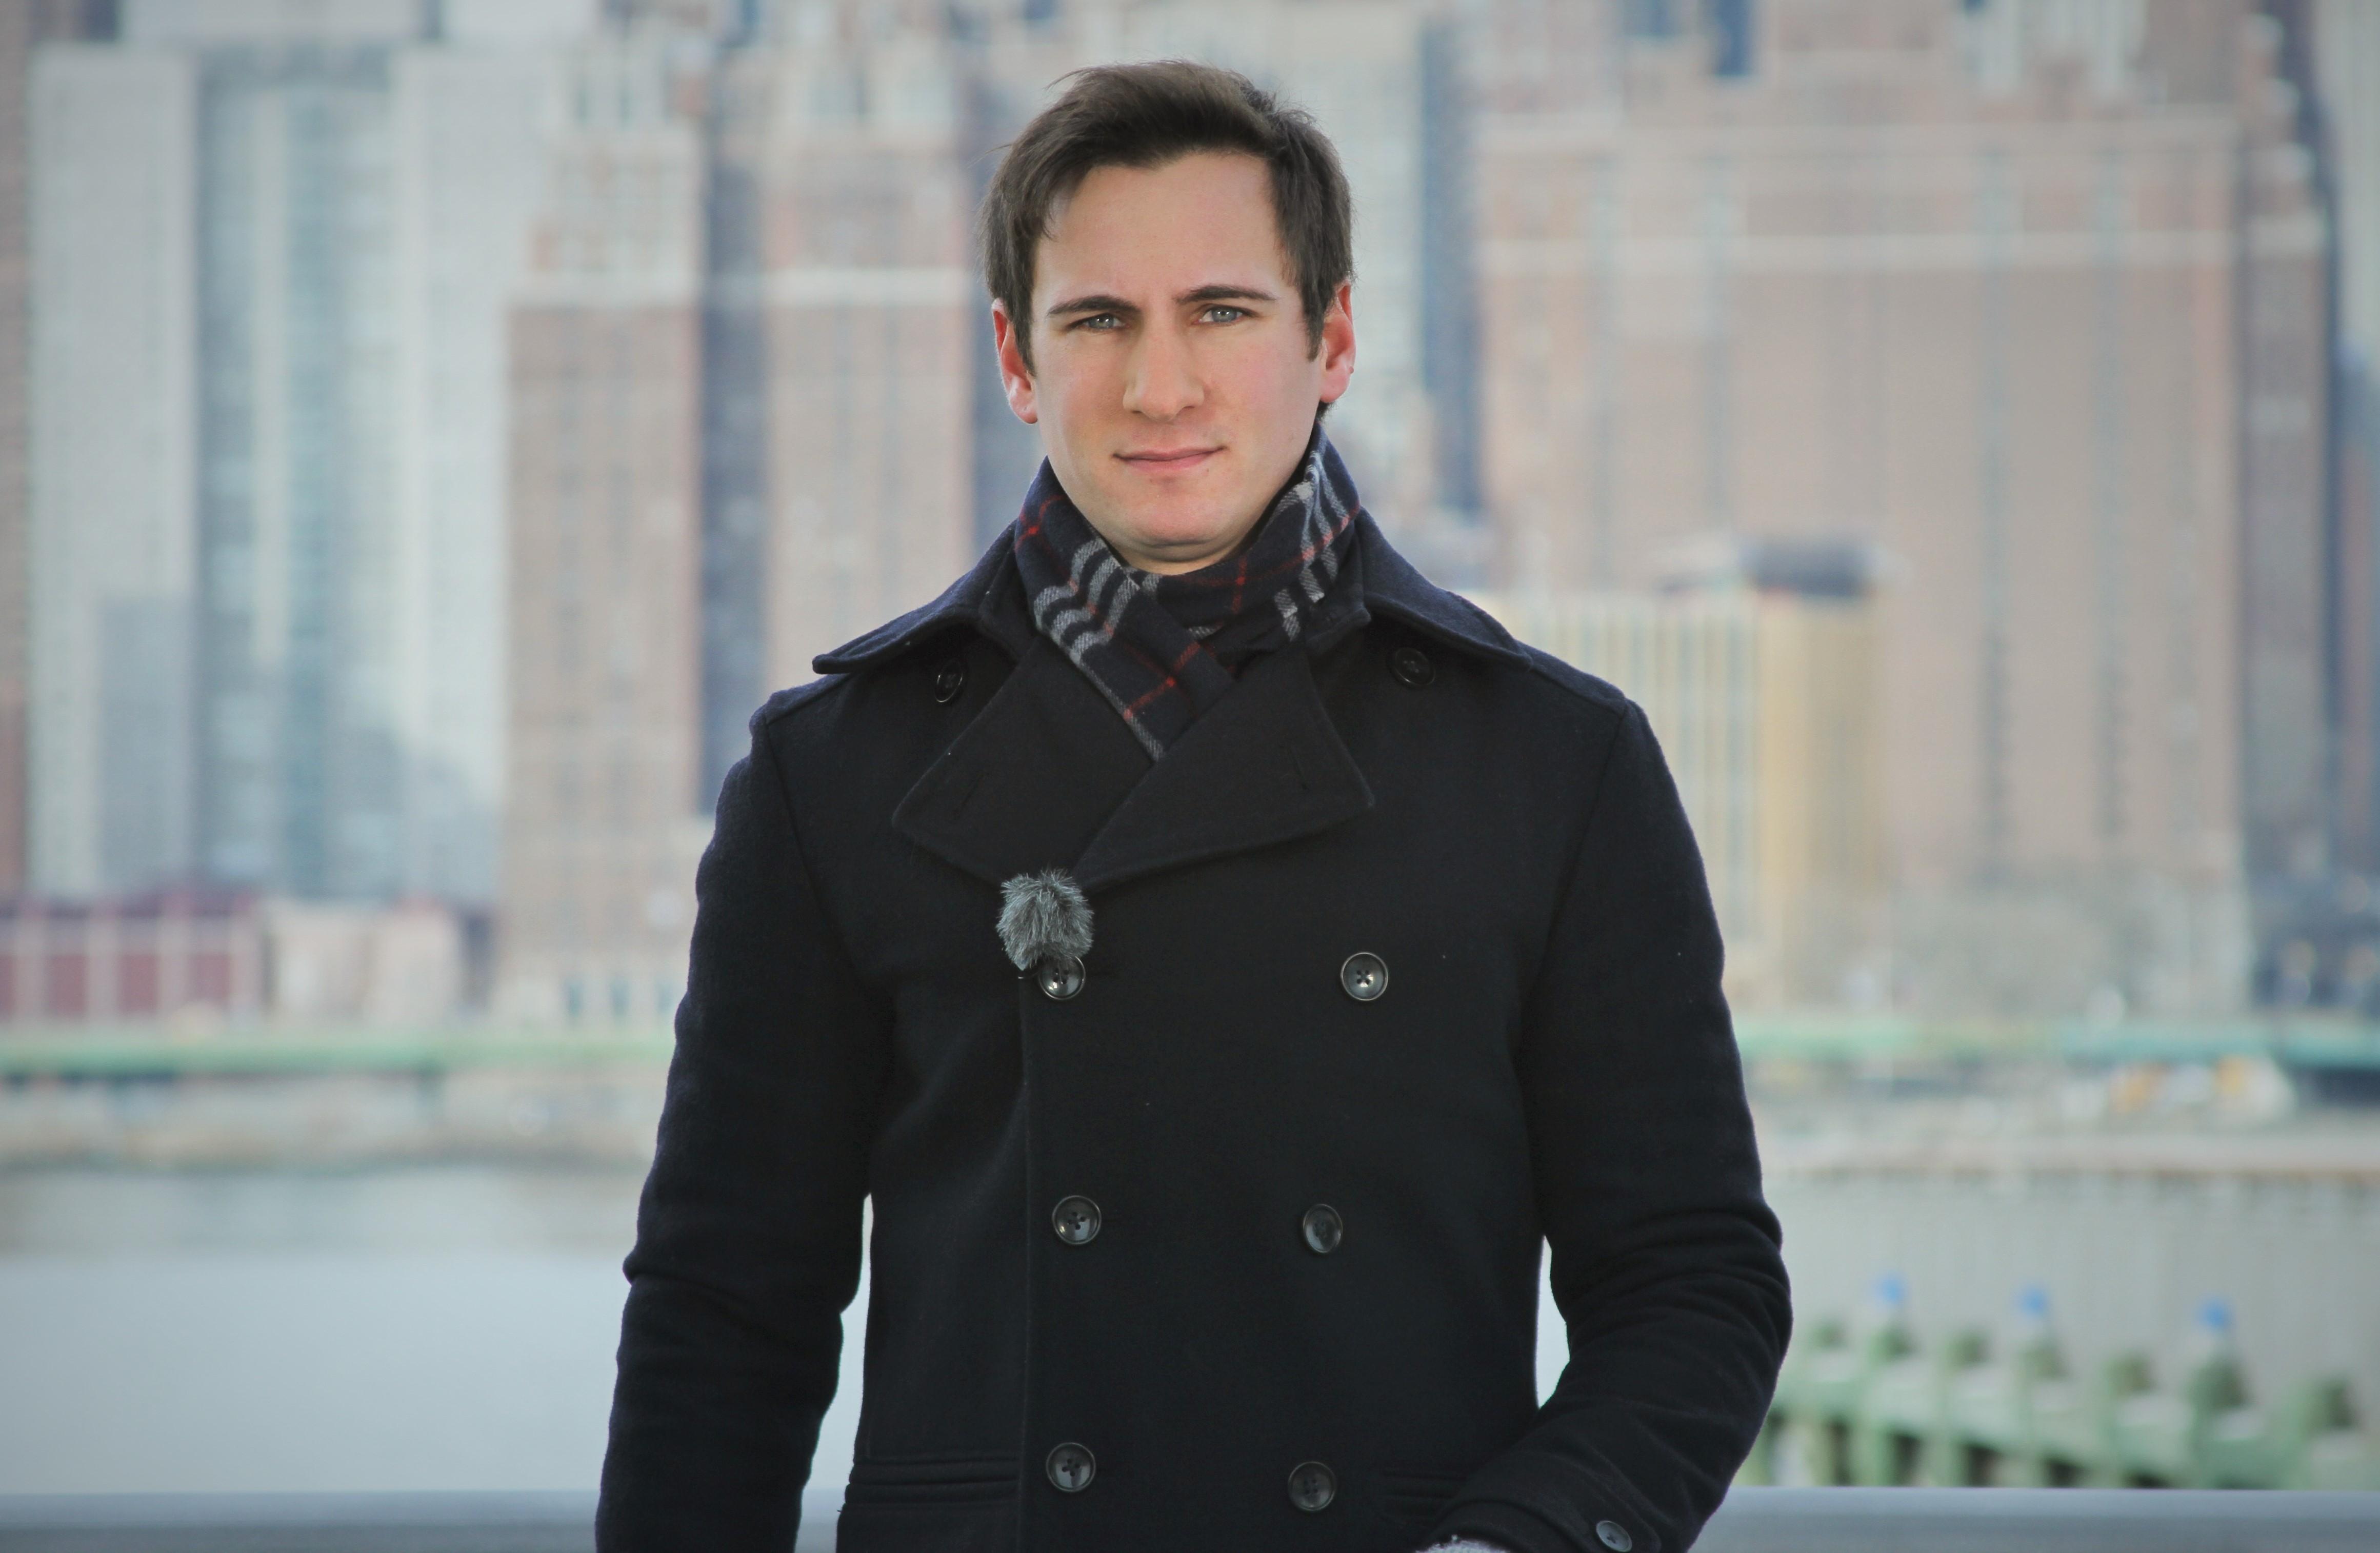 Marcos Stupenengo NYC